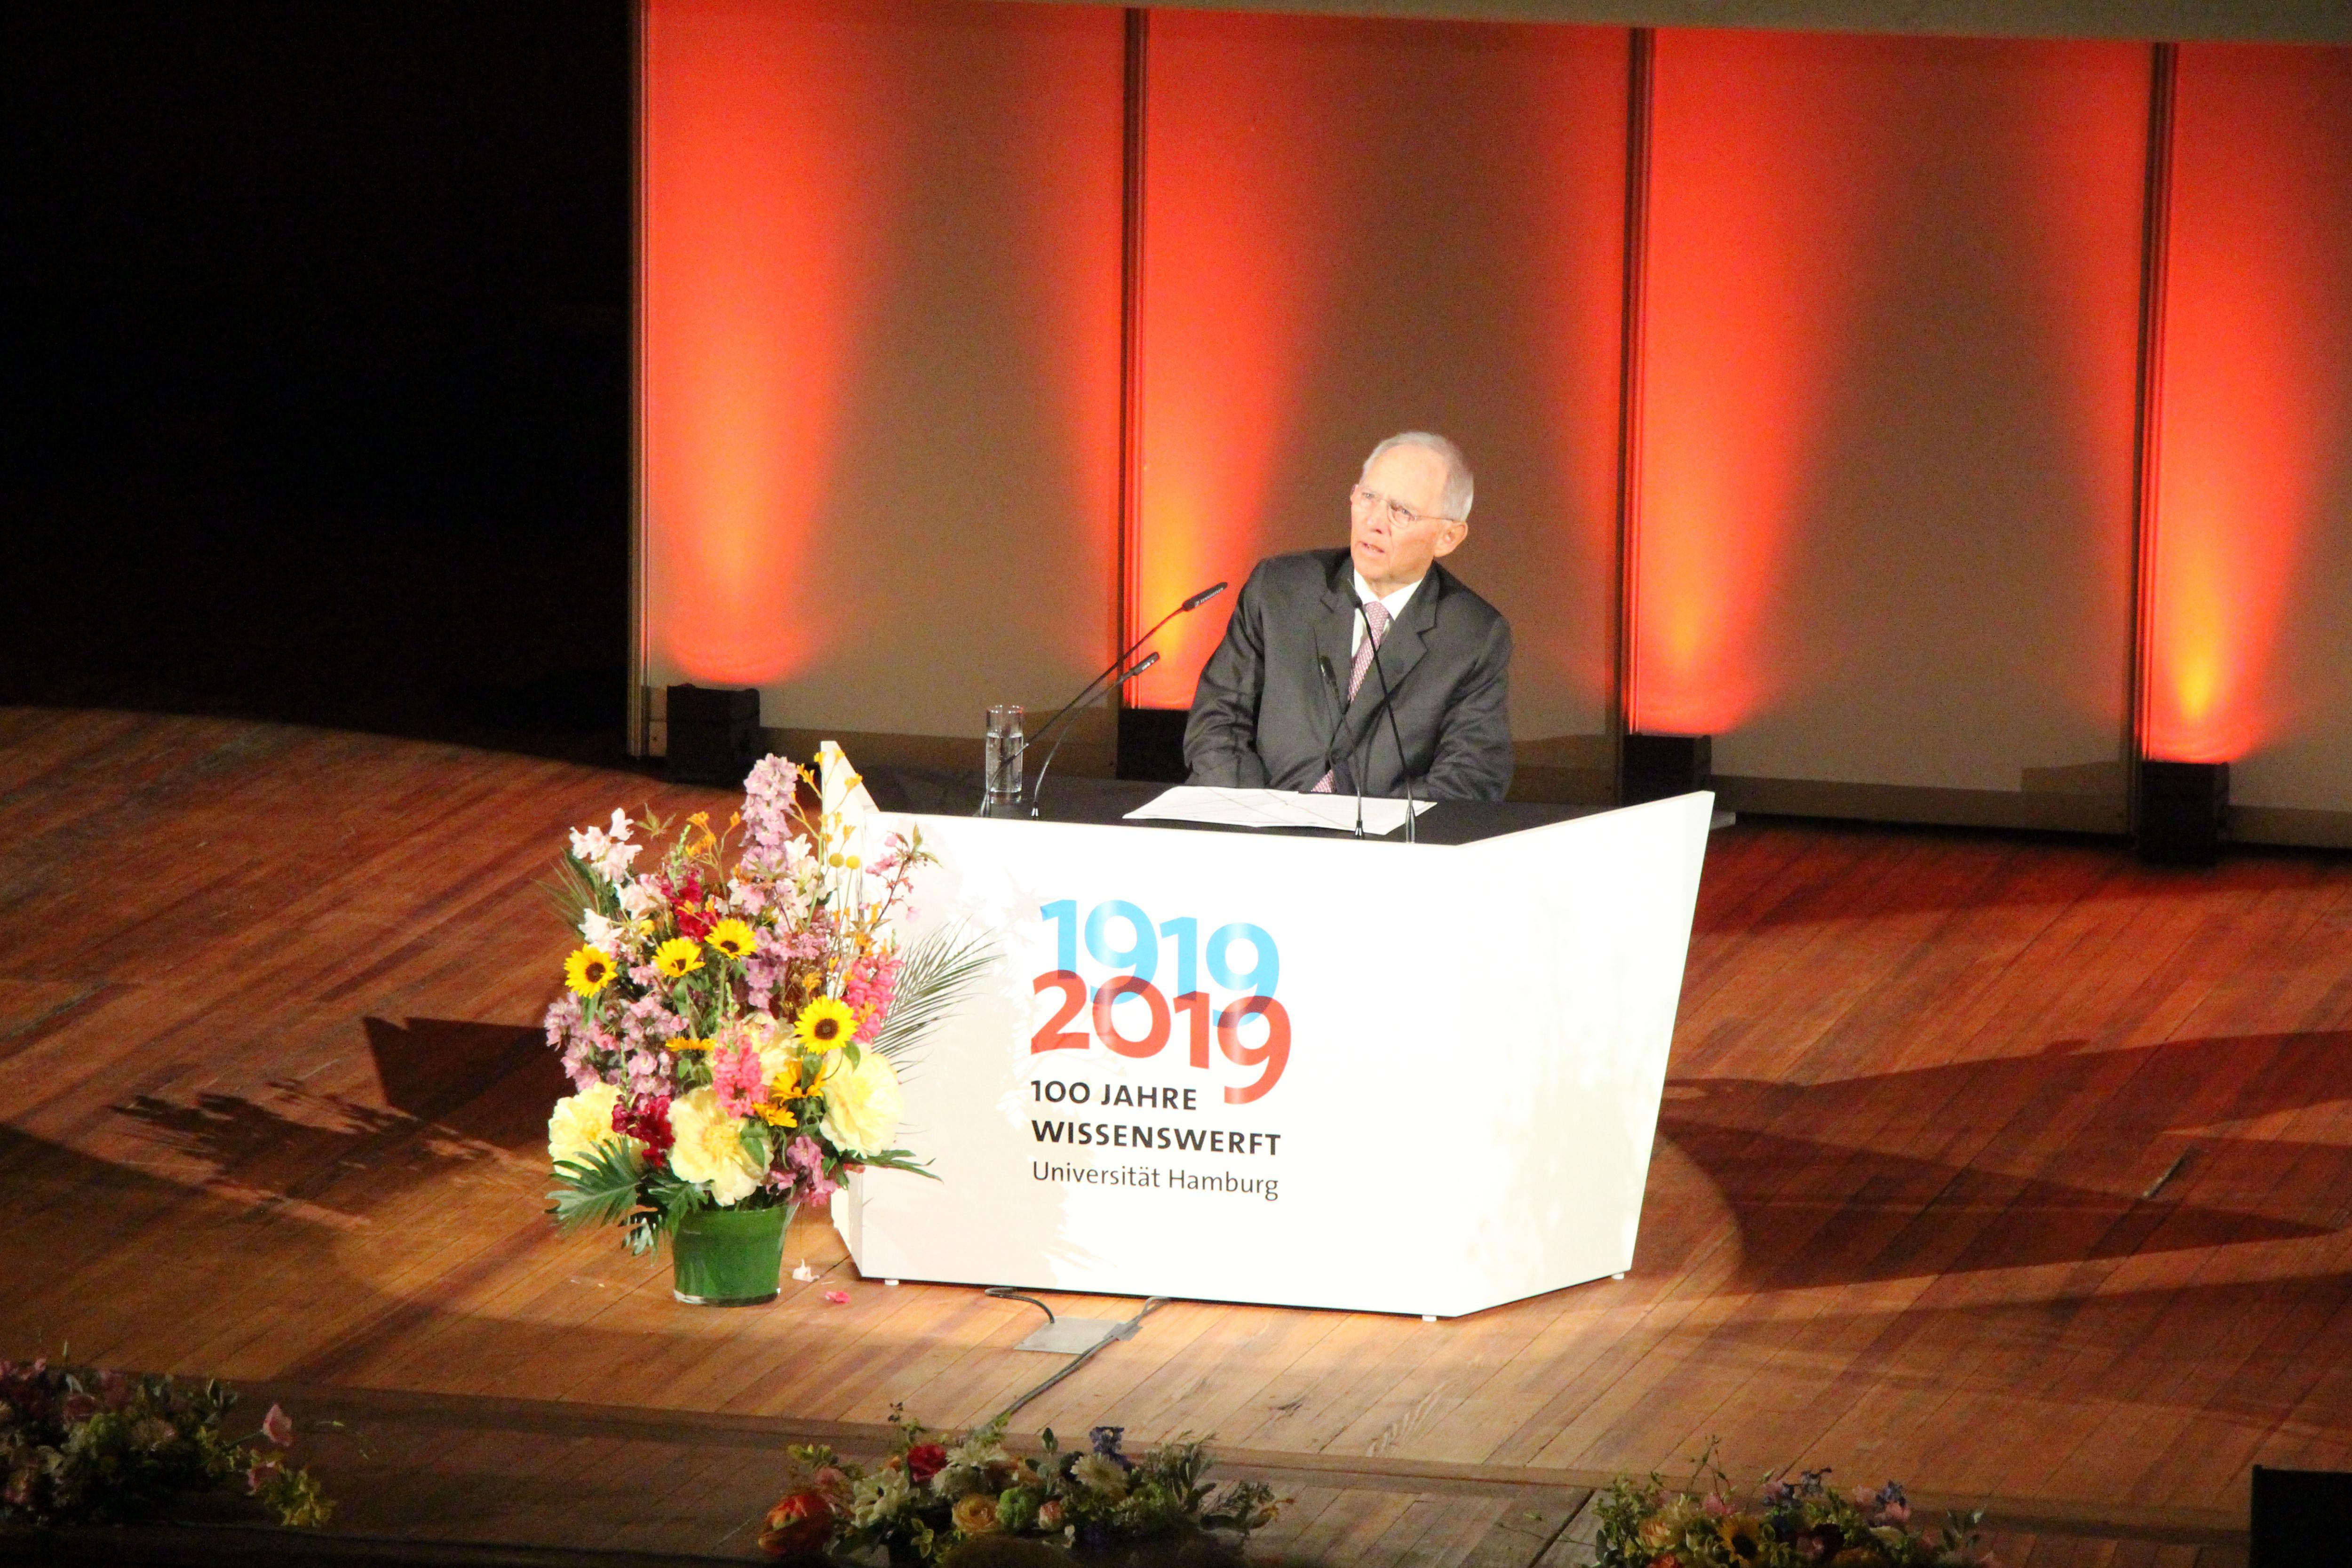 Auch Wolfgang Schäuble hat zwei Semester an der Uni Hamburg verbracht. Foto: Alicia Wischhusen